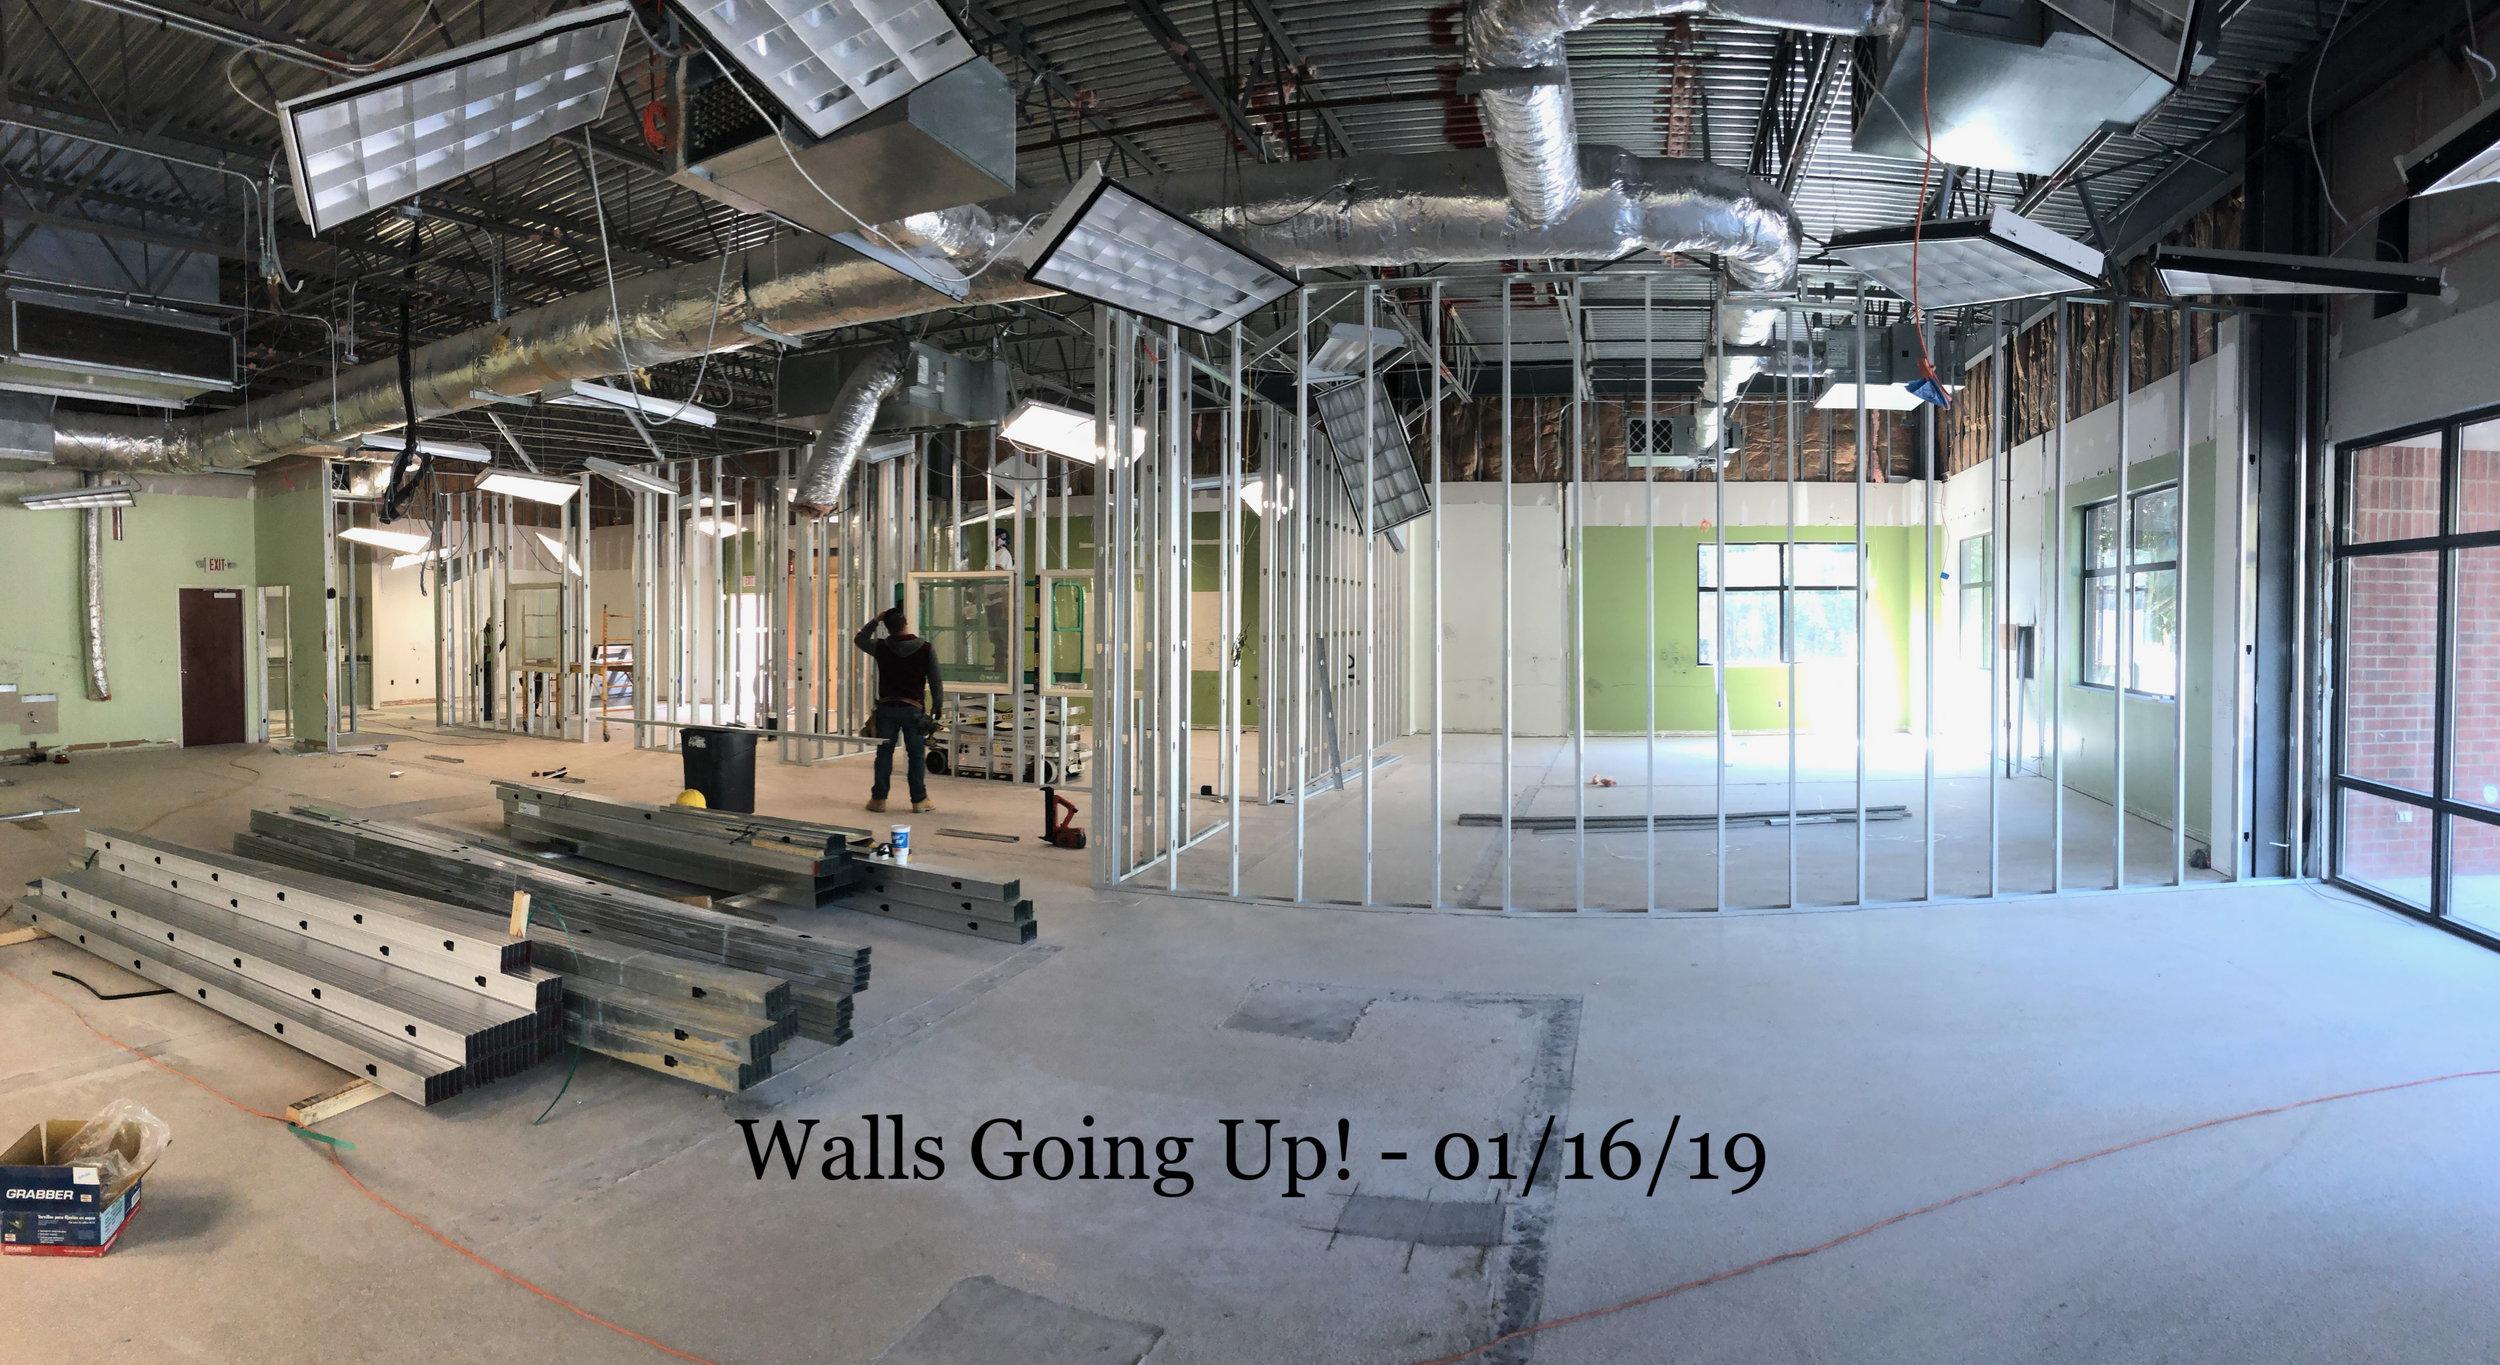 _Walls going up - 1.16.19.jpg